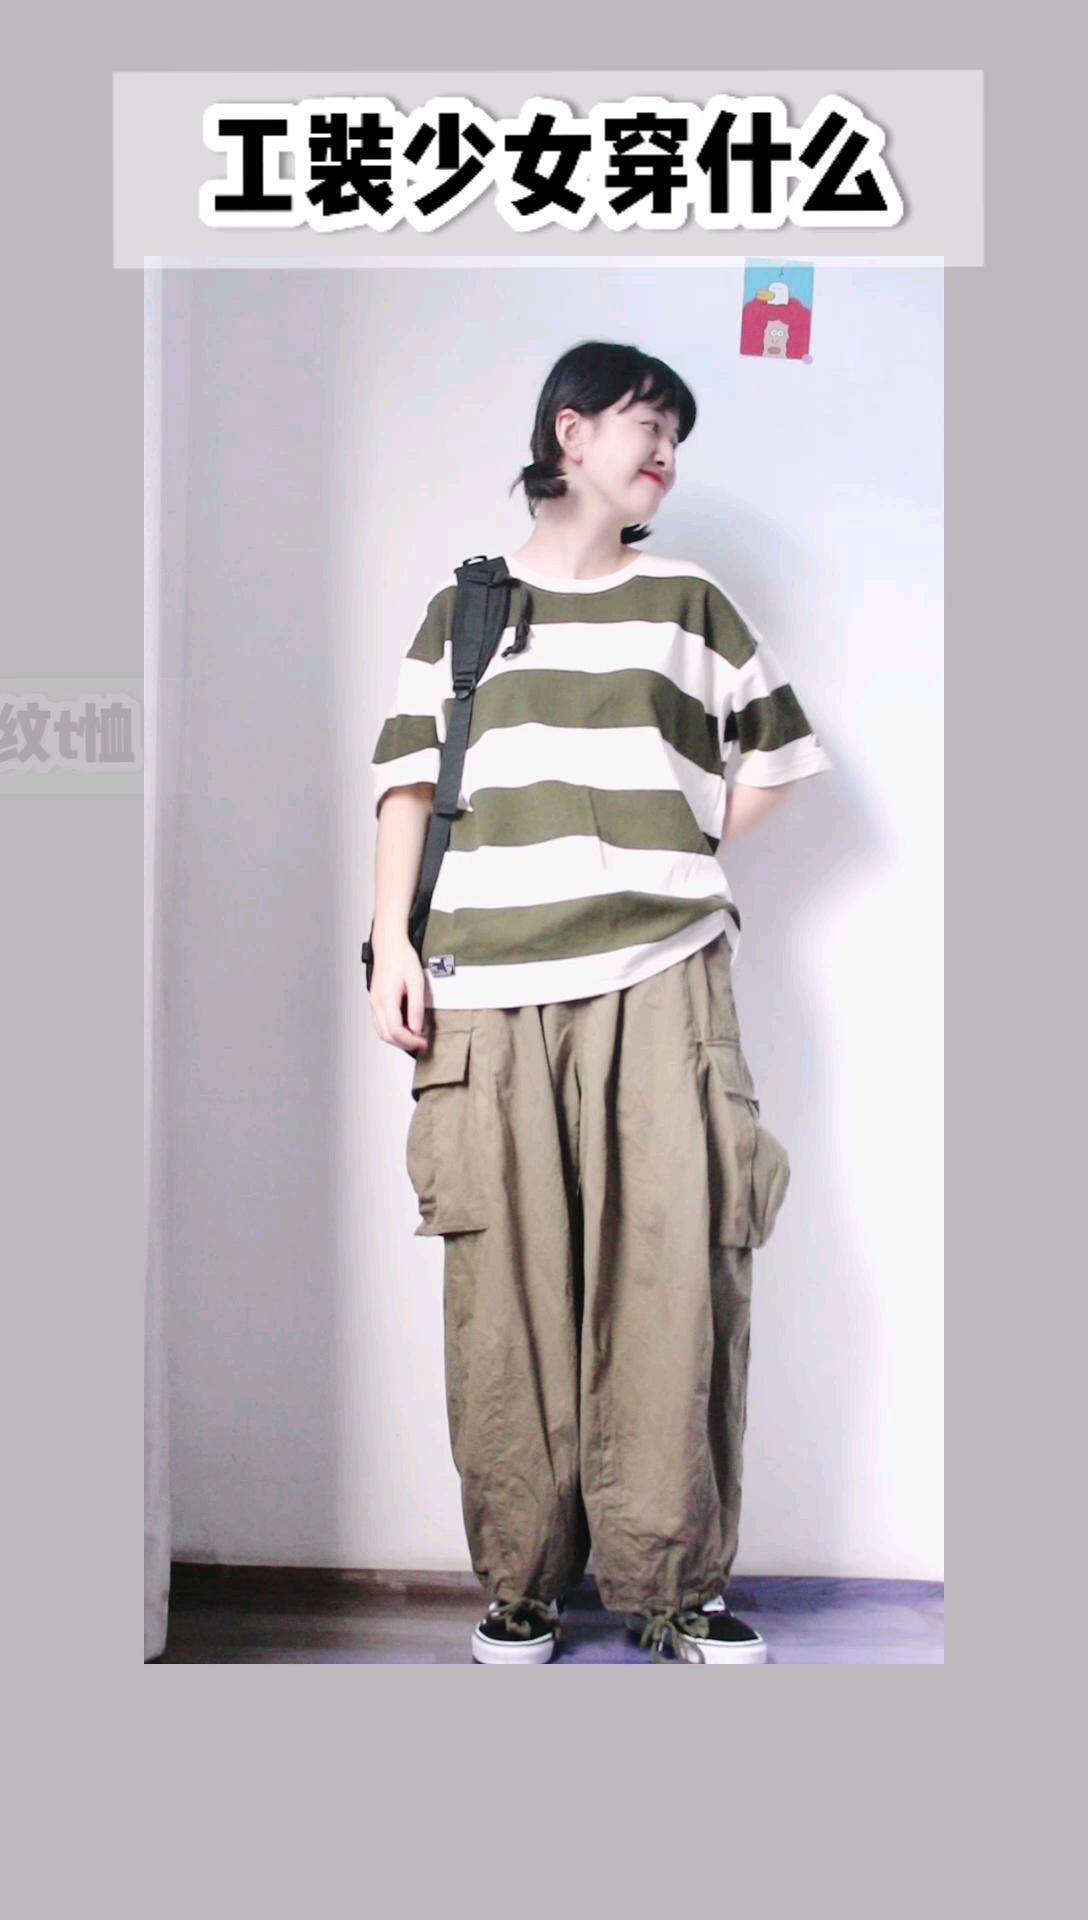 绿色条纹t恤,s码,偏大 搭配了军绿色工装裤,s码,偏大 宽宽大大的,什么腿型都不怕#怕晒?这些搭配好看防晒!#